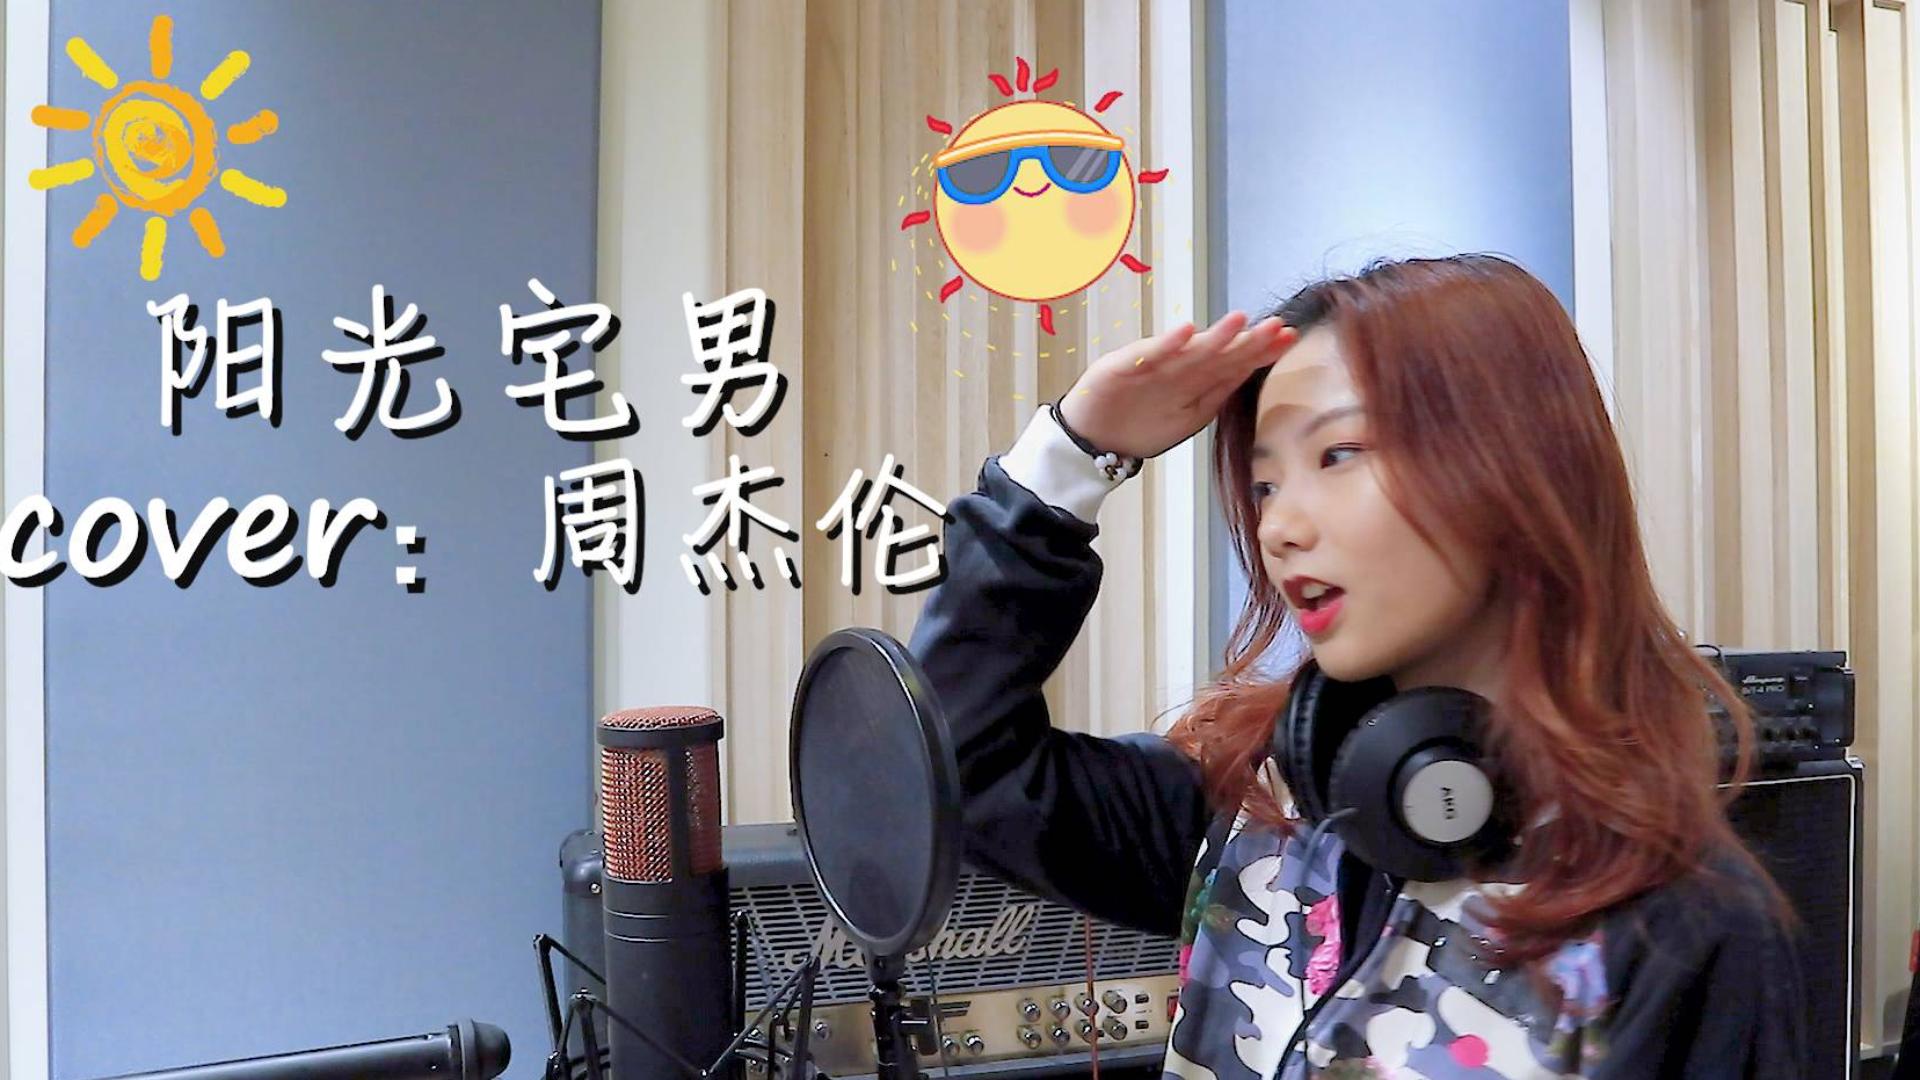 我的录歌日常——阳光宅男 Cover:周杰伦